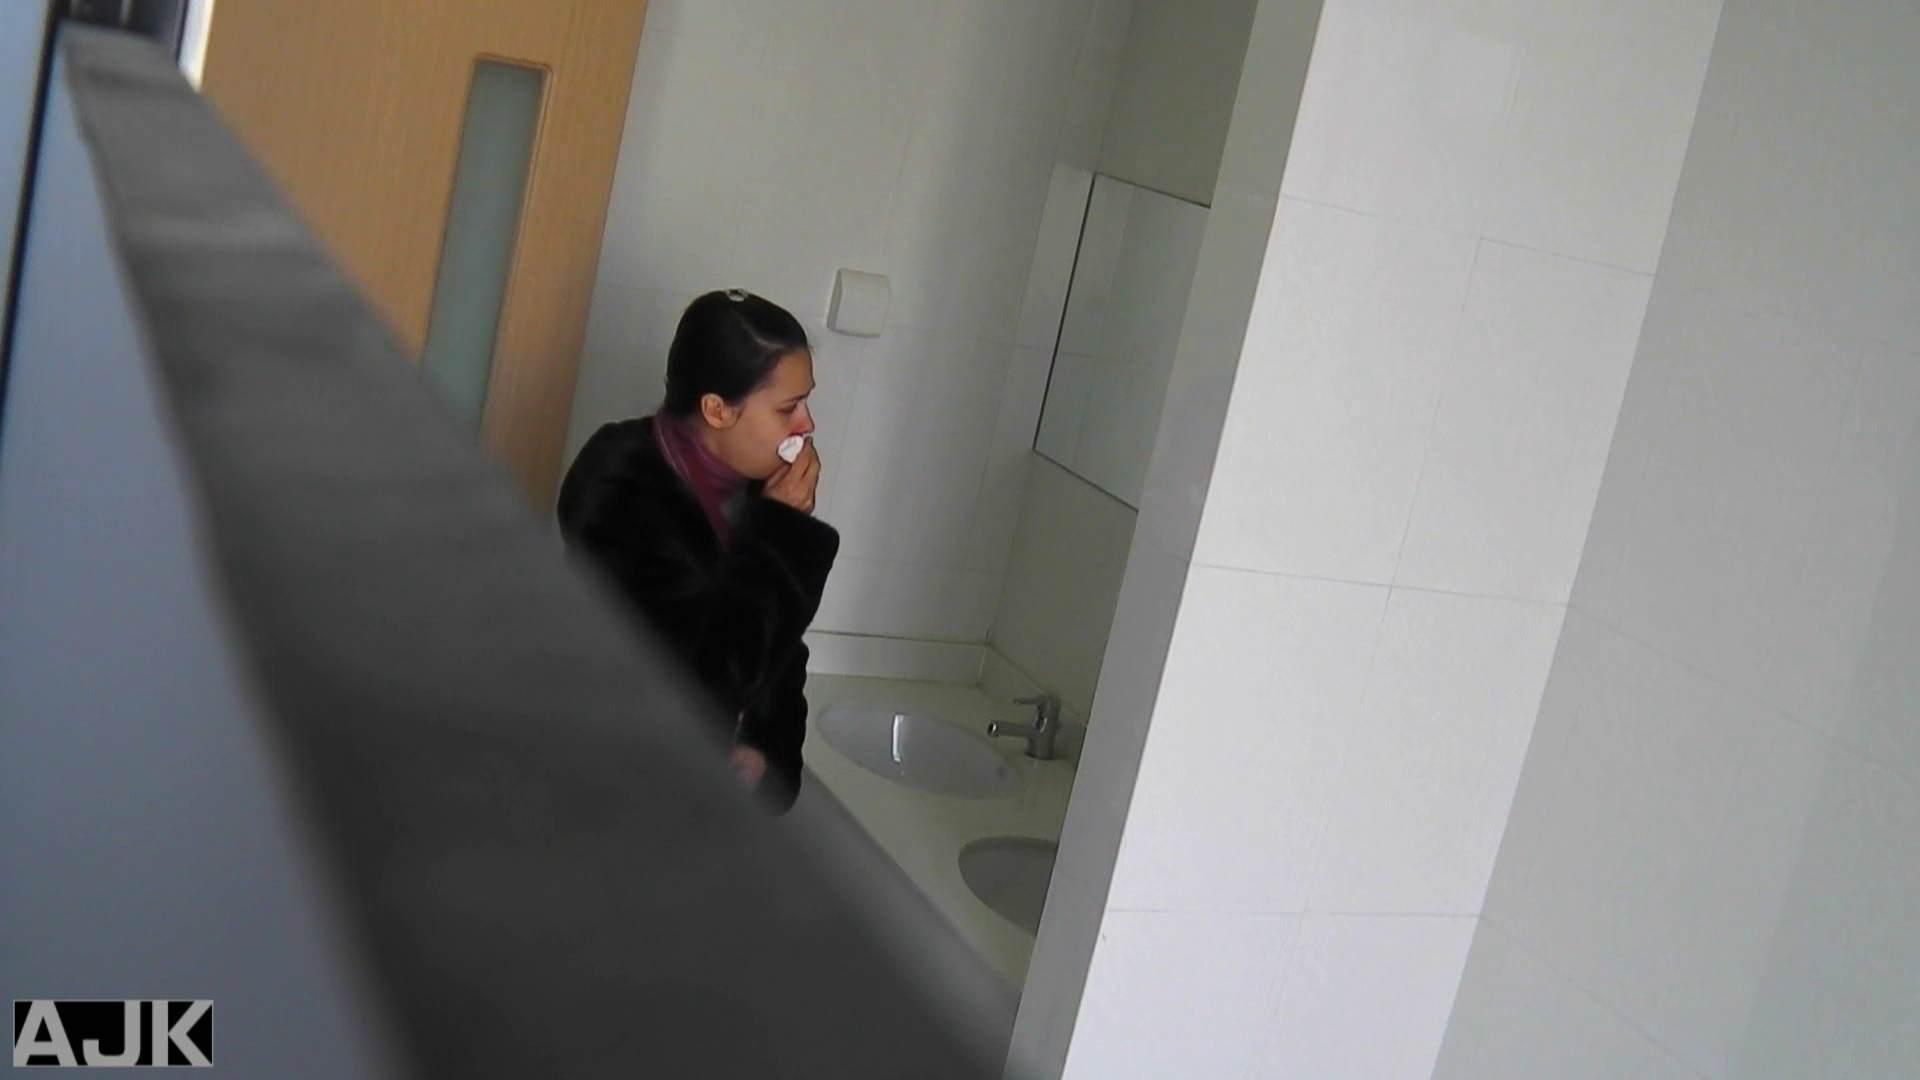 隣国上階級エリアの令嬢たちが集うデパートお手洗い Vol.25 お手洗いの中 オメコ動画キャプチャ 94枚 17